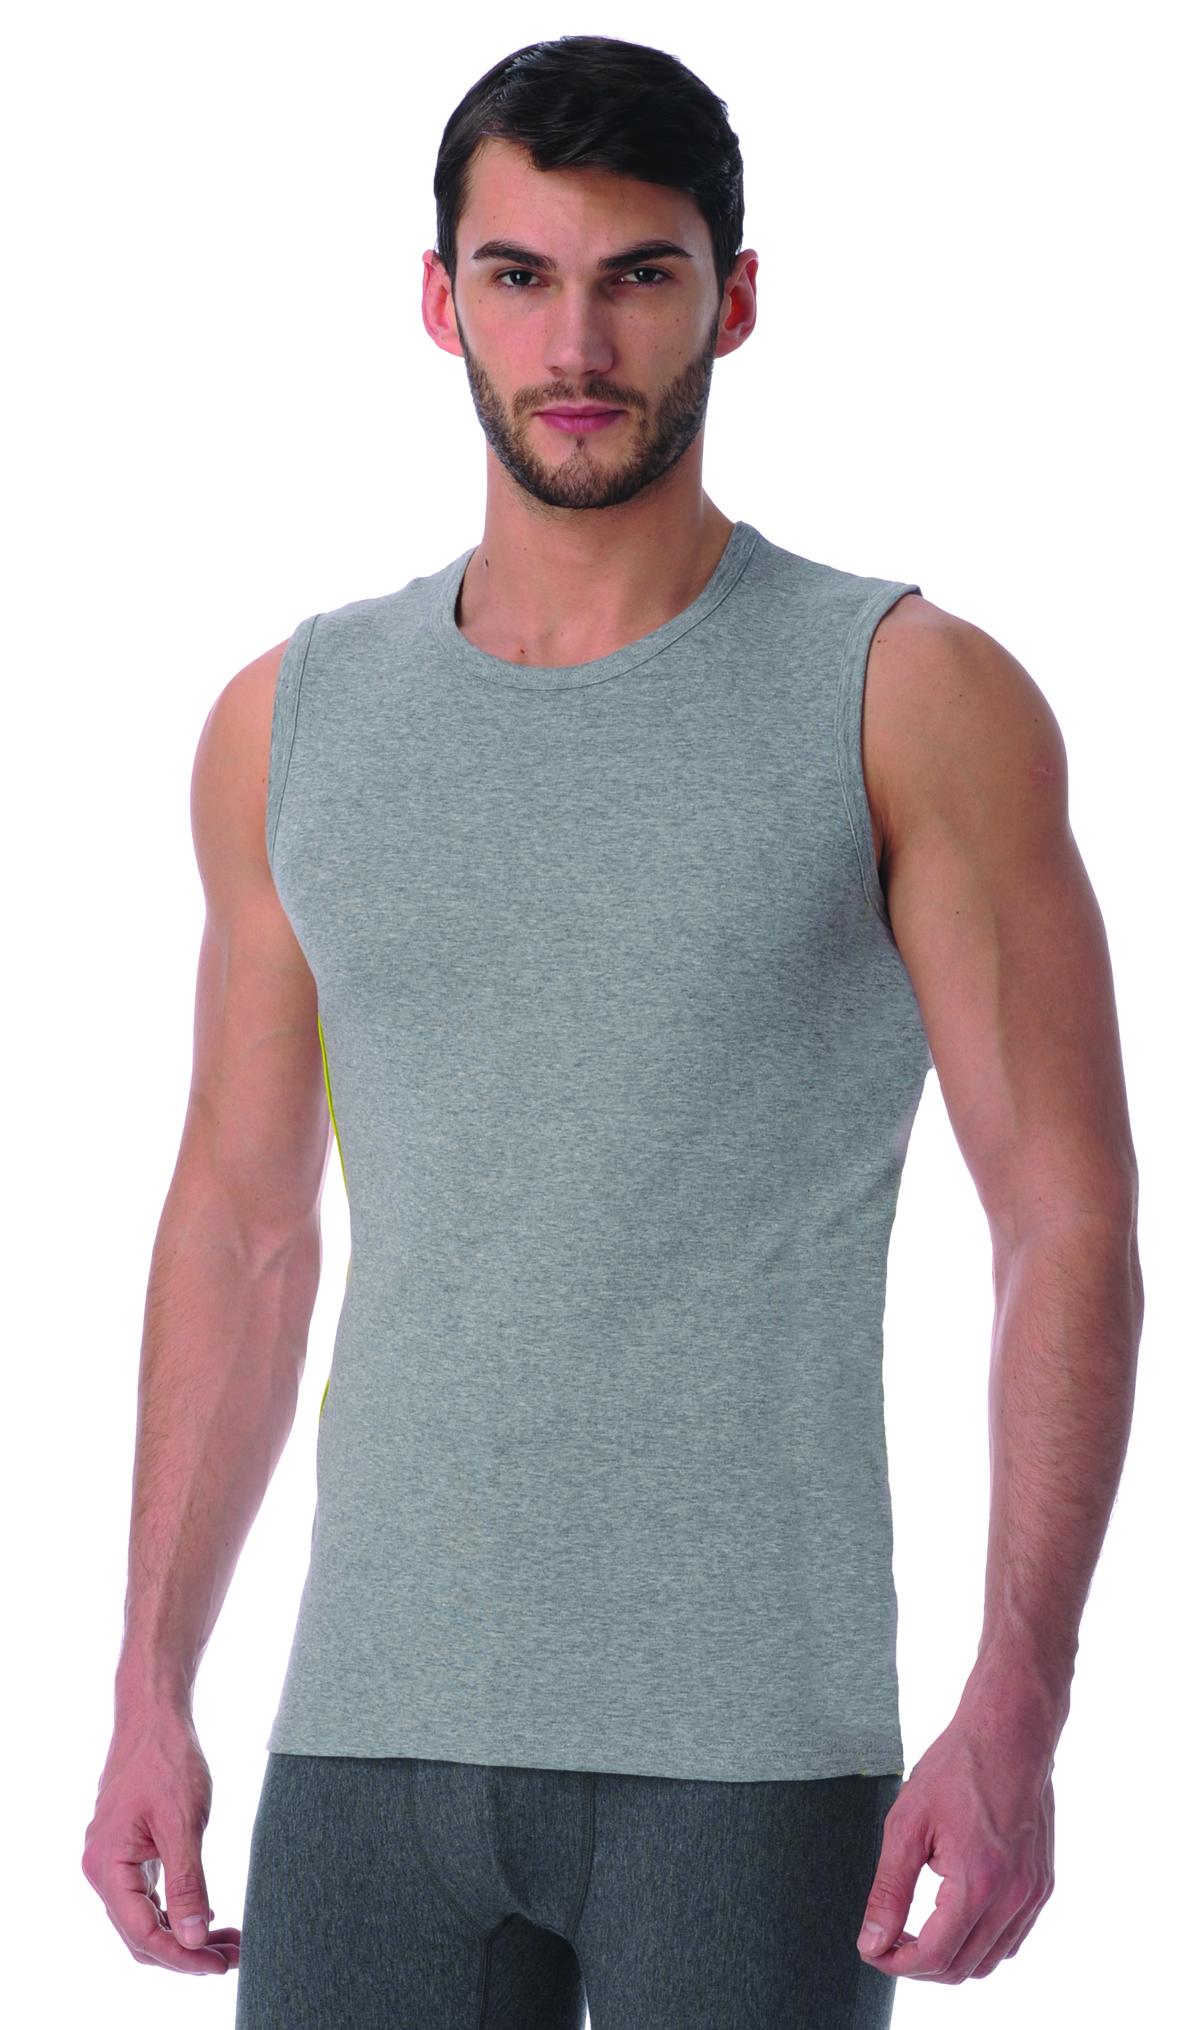 Майка мужская. TMM107TMM107Майка однотонная на широких бретелях. Рекомендуется в качестве нижнего белья или домашней одежды. В 2х ростах: В, С